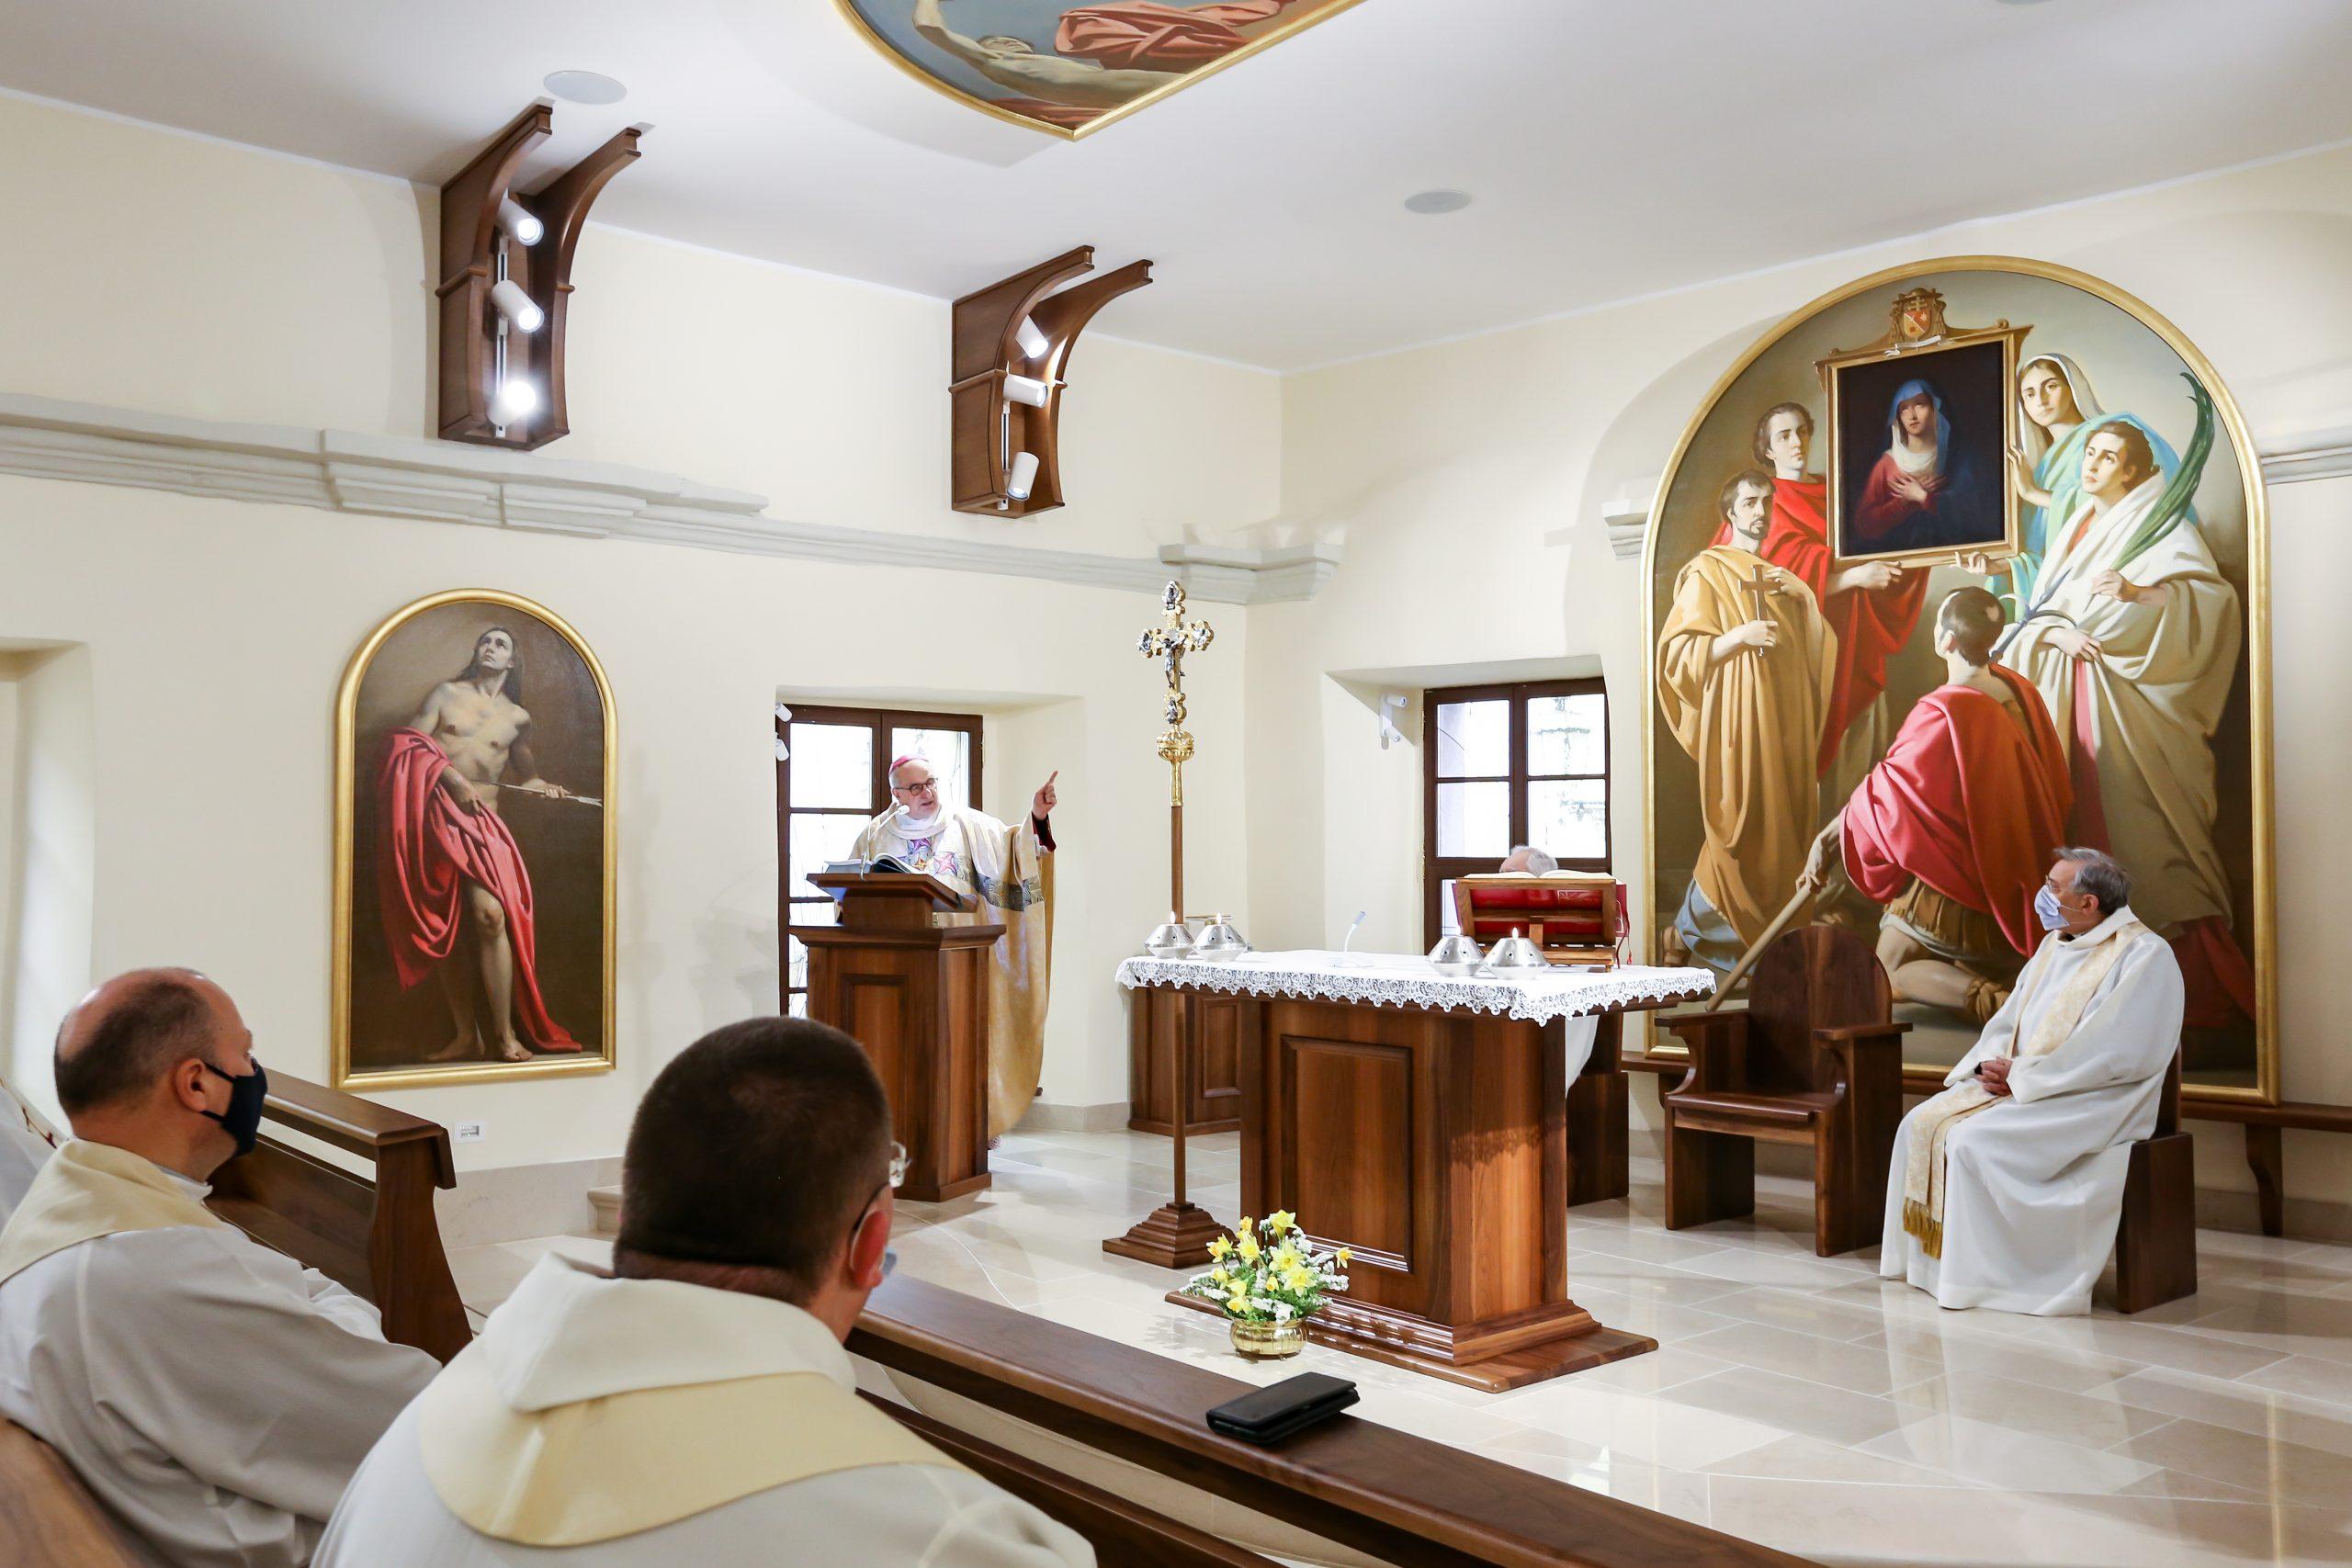 XX anniversario dell'Ordinazione episcopale dell'Arcivescovo | La celebrazione